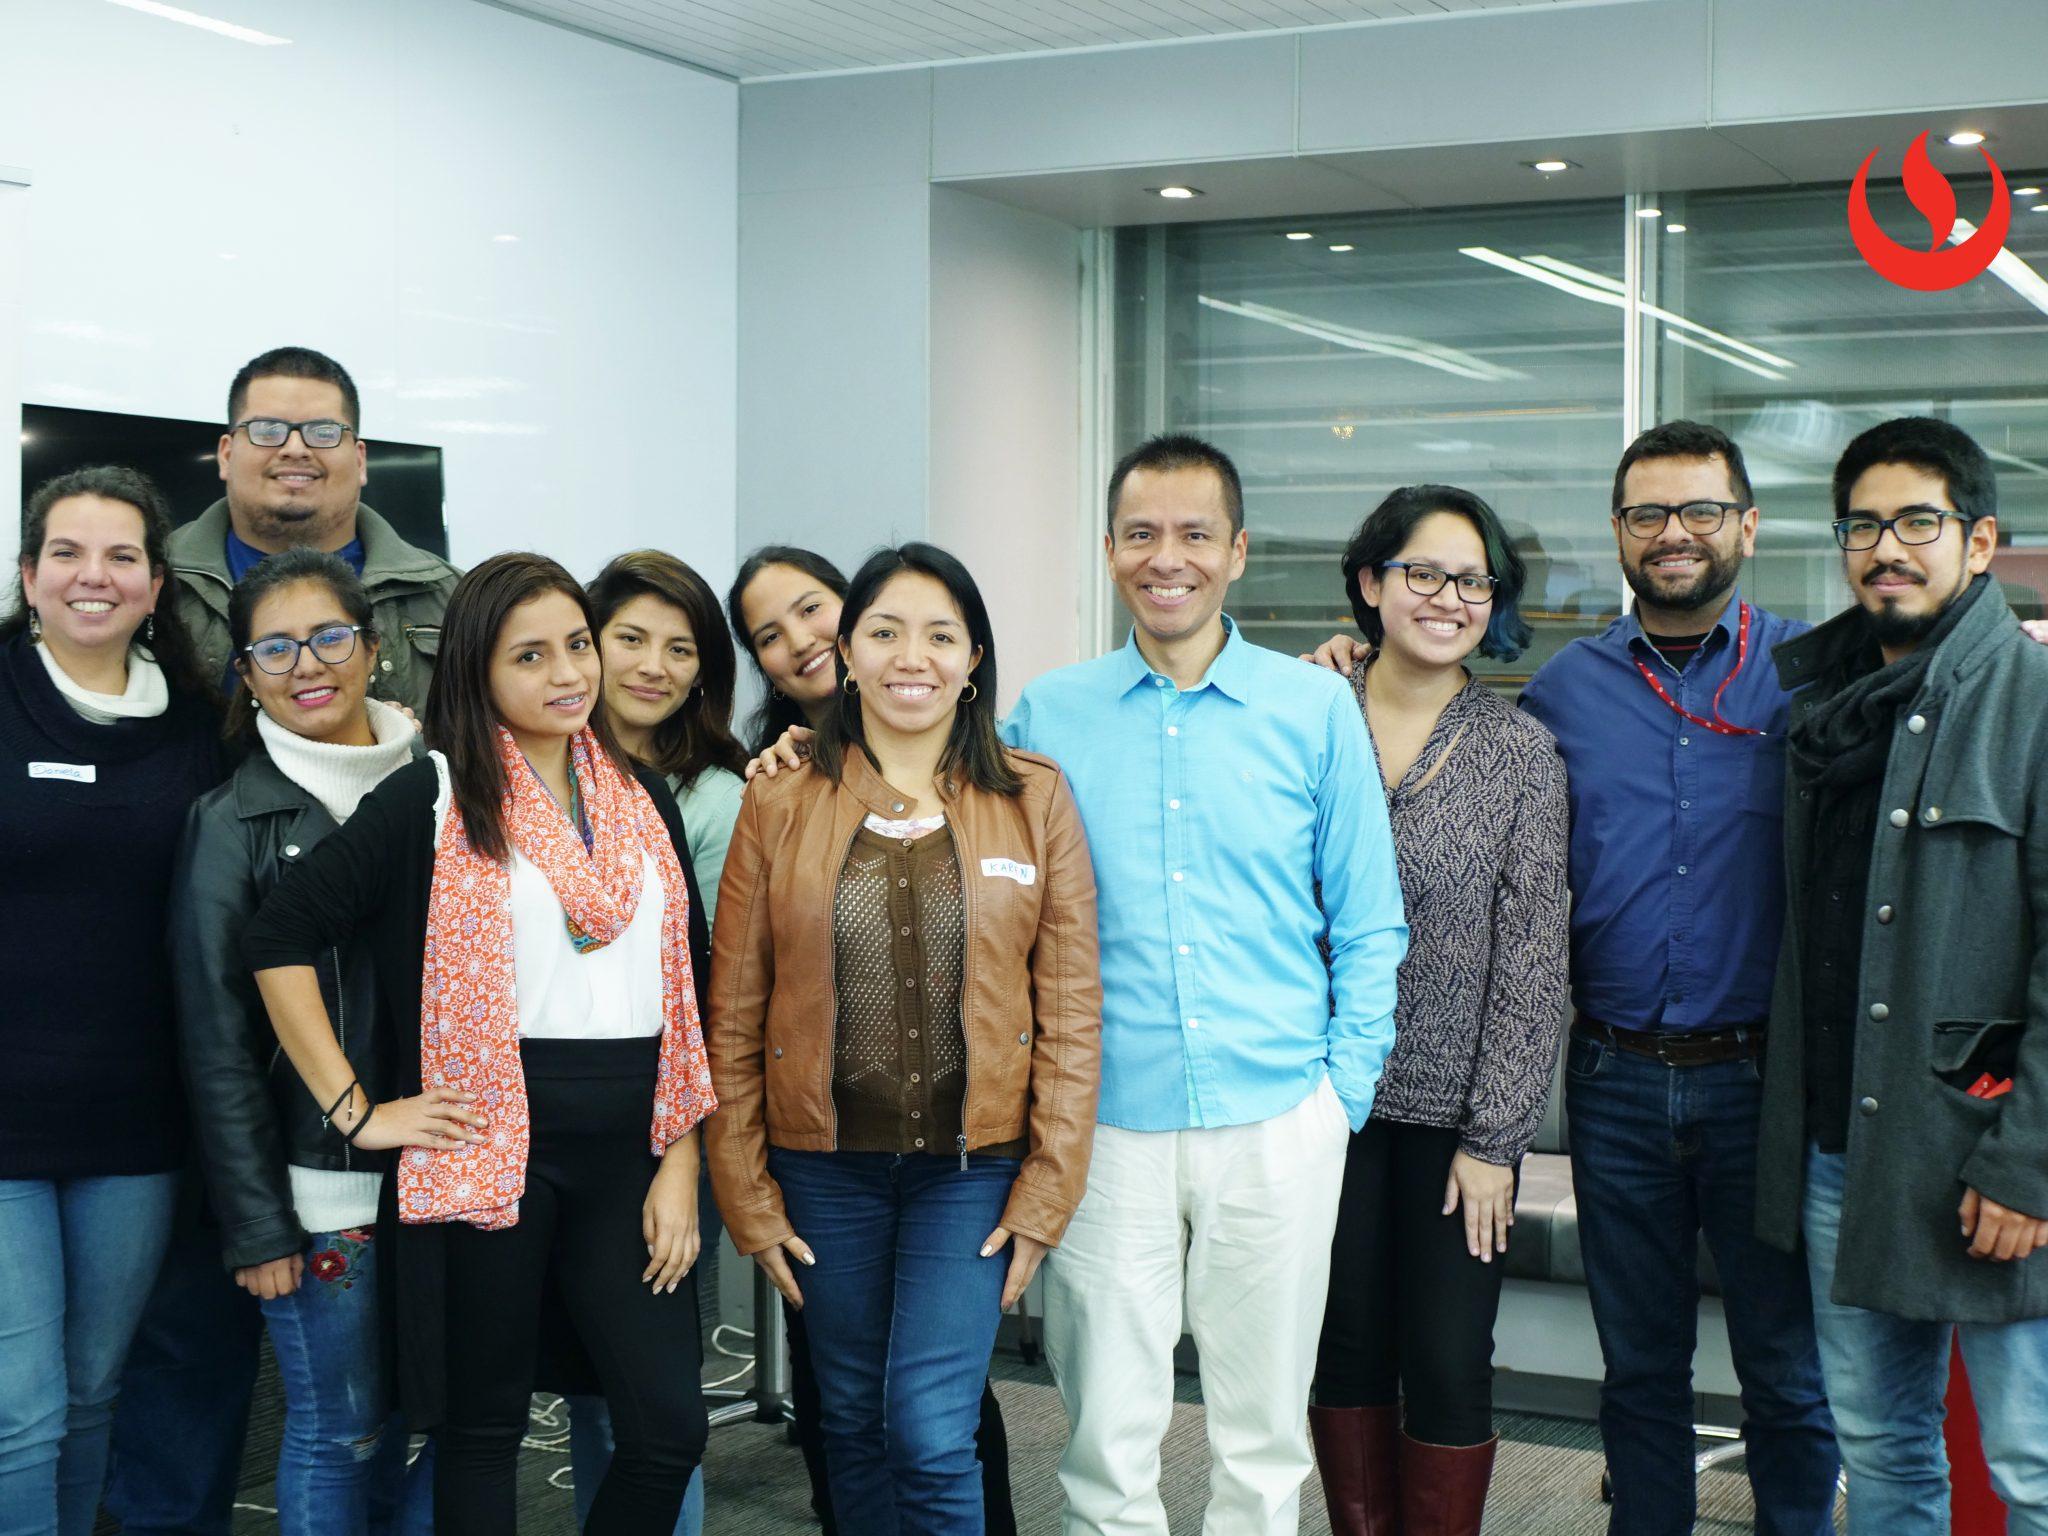 Protagonistas del Cambio seleccionados para taller de media training